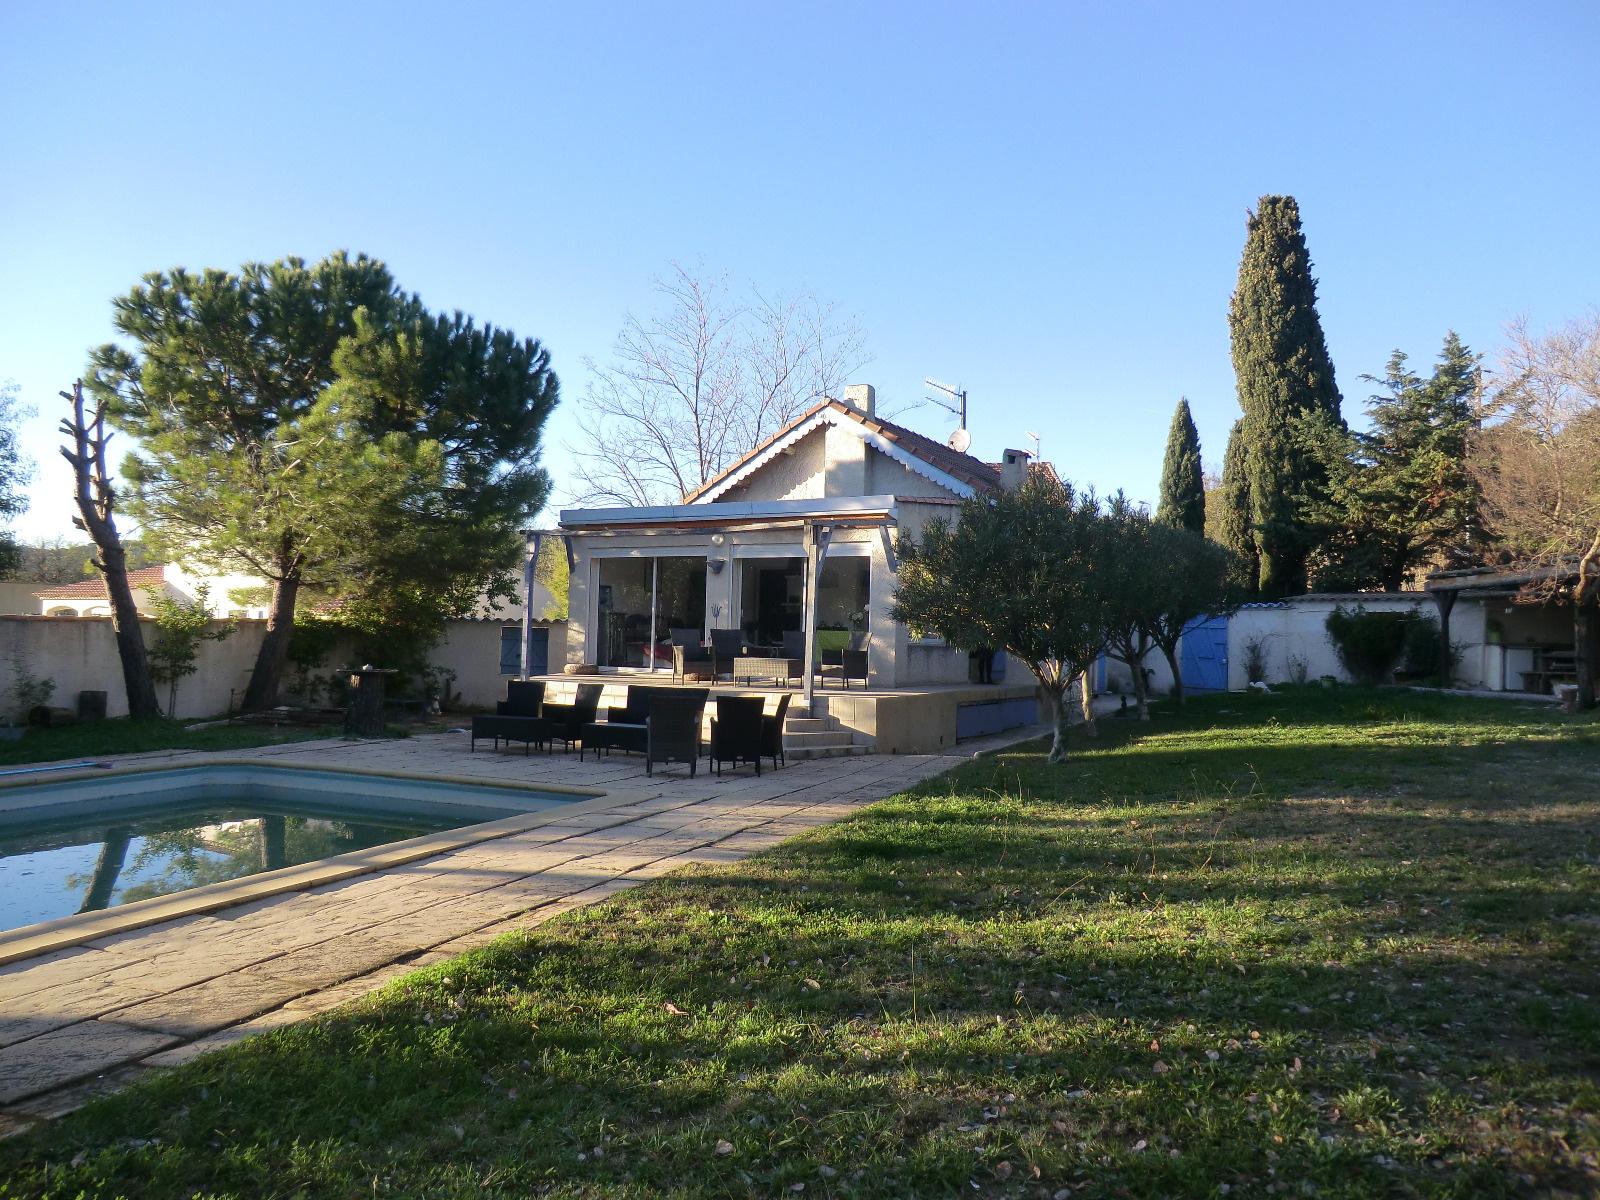 Vente appartement cassis maisons et villas cassis for Acheter maison cassis